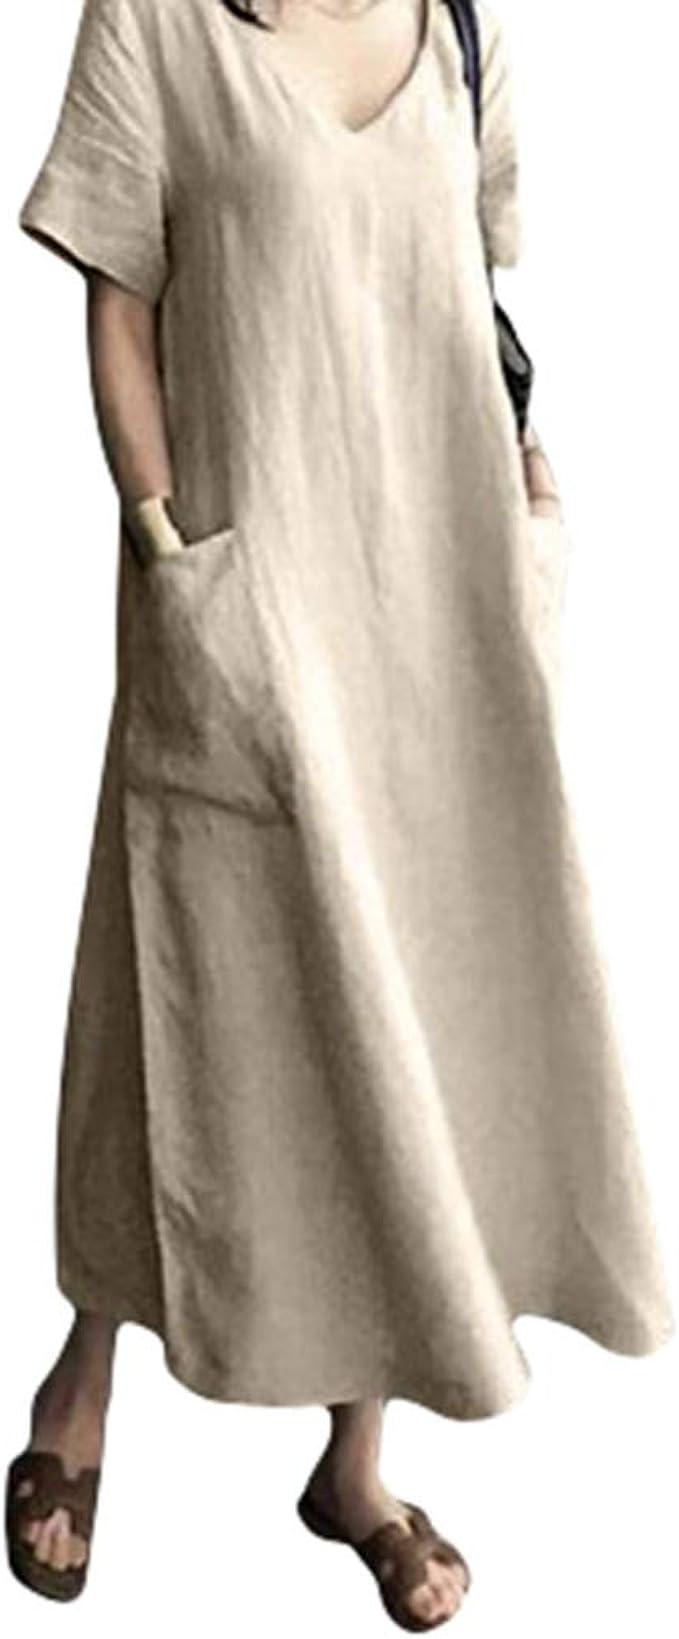 Mujeres Maxi Vestido Verano Sexy Cuello en V Vestido de Algodón y Lino Hippie Bohemia Vestido de Playa Suelto Comodo Vestido Largo Suave Vestido Casual: Amazon.es: Ropa y accesorios